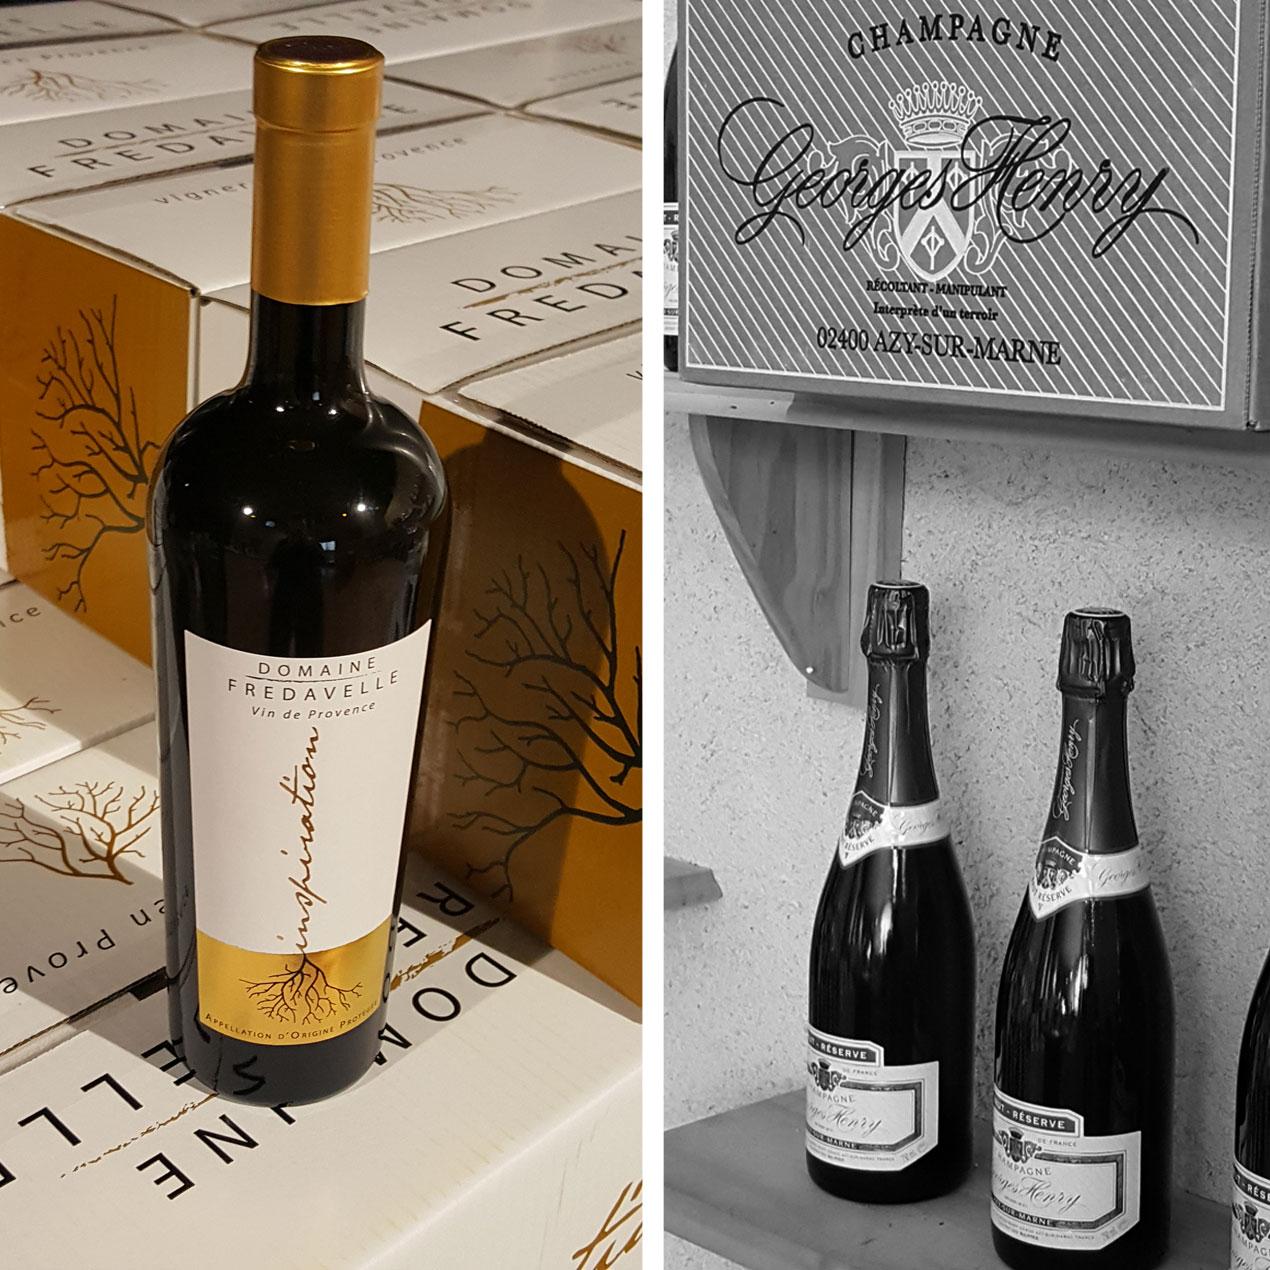 vin et champagne caveau de vente fredavelle wineshop cadeau eguilles